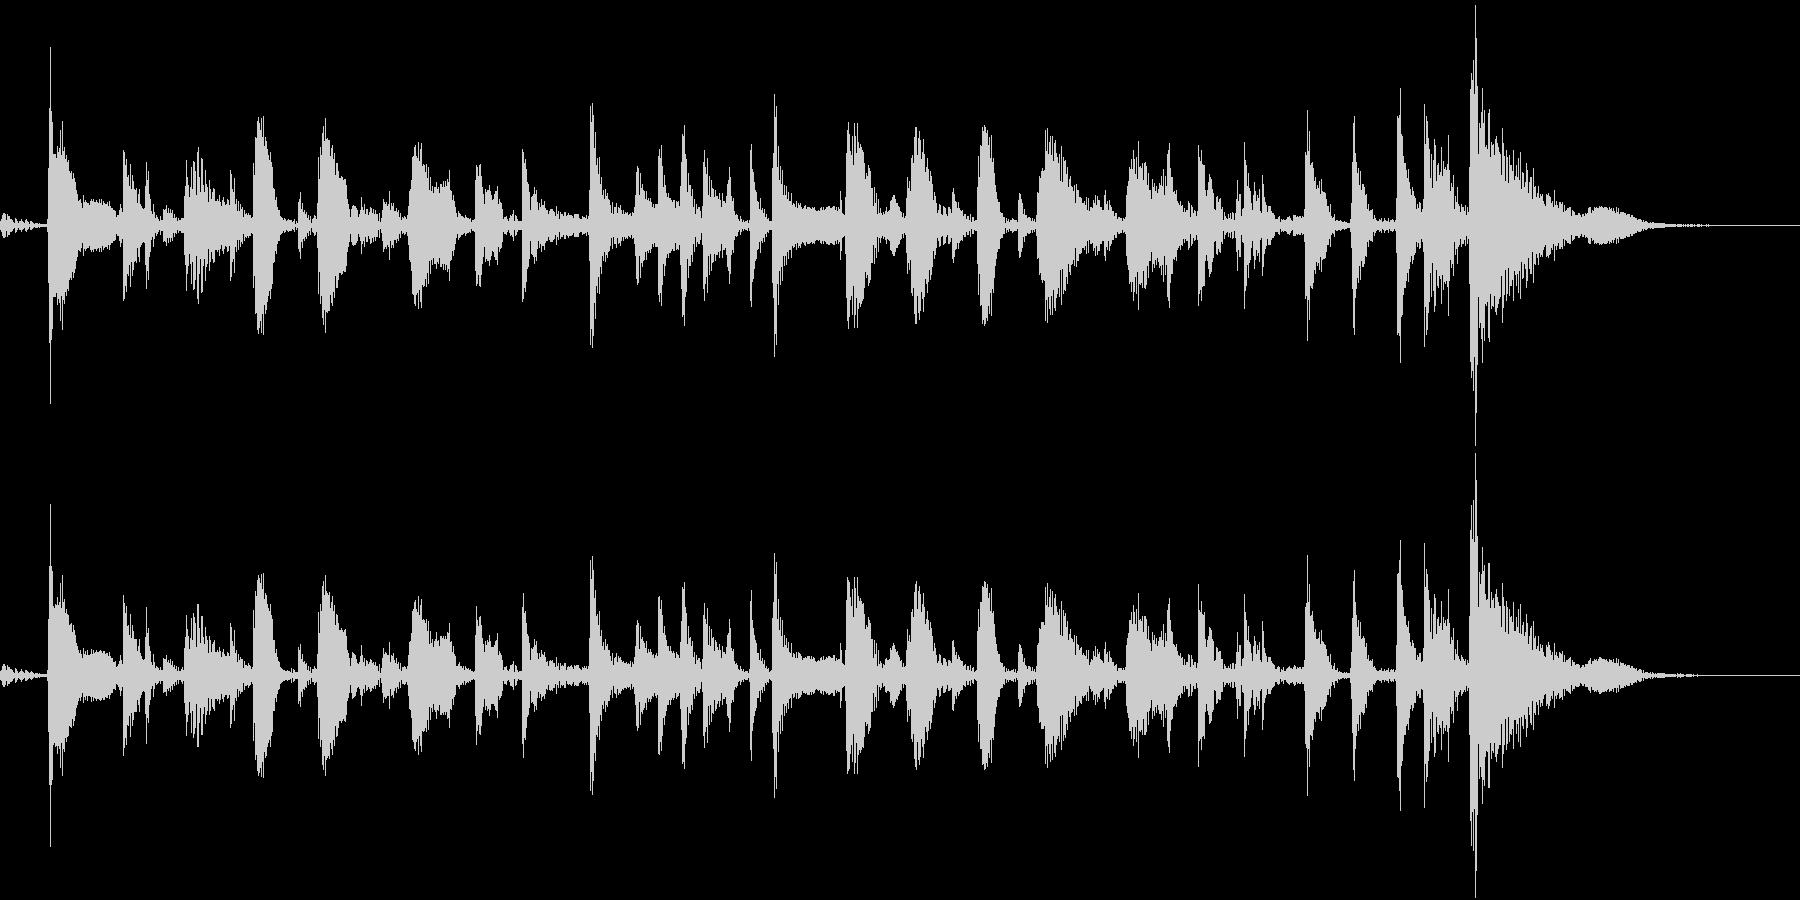 軽快さのあるギターの未再生の波形